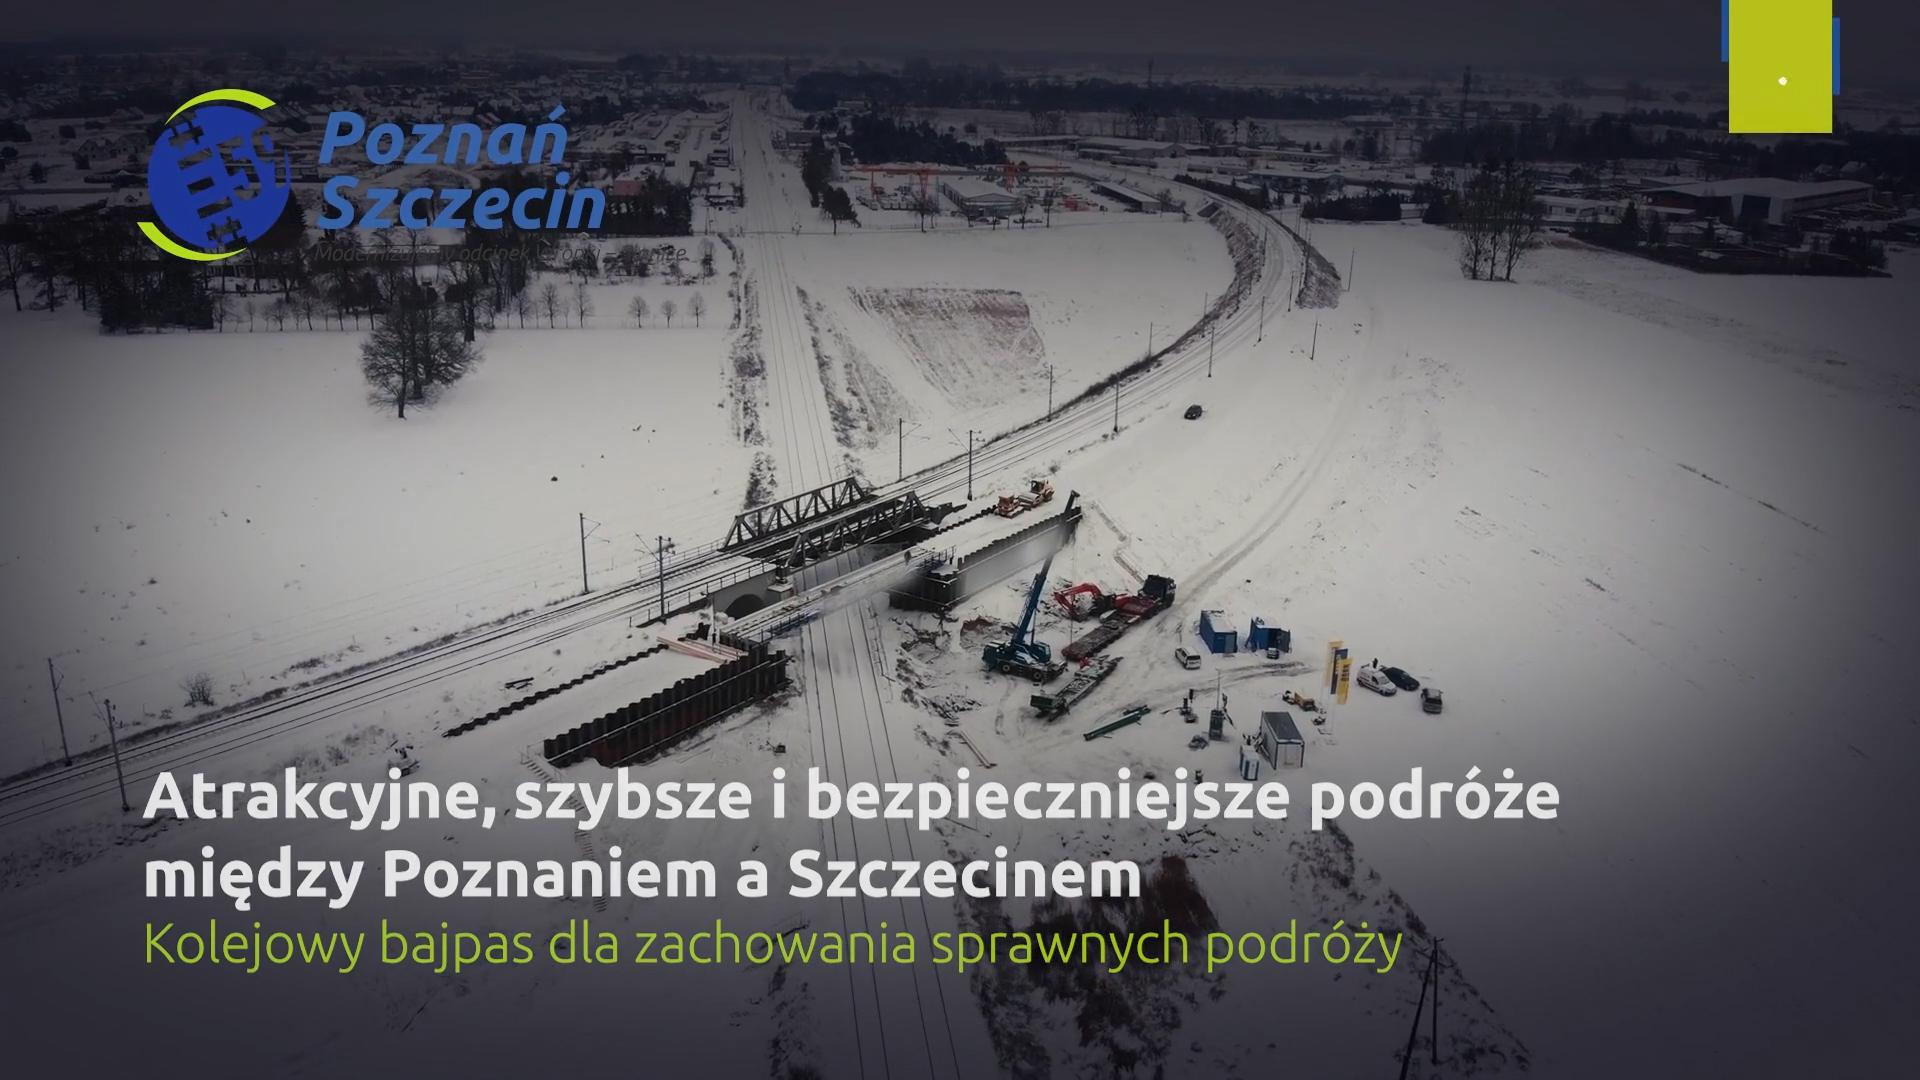 Miniatura filmu przedstawia ujęcie wiaduktu w zimowej aurze. Film przedstawia kolejowy bajpas, który został zbudowany na trasie Poznań-Szczecin w celu zachowania ruchu kolejowego między Wielkopolską a Pomorzem Zachodnim.